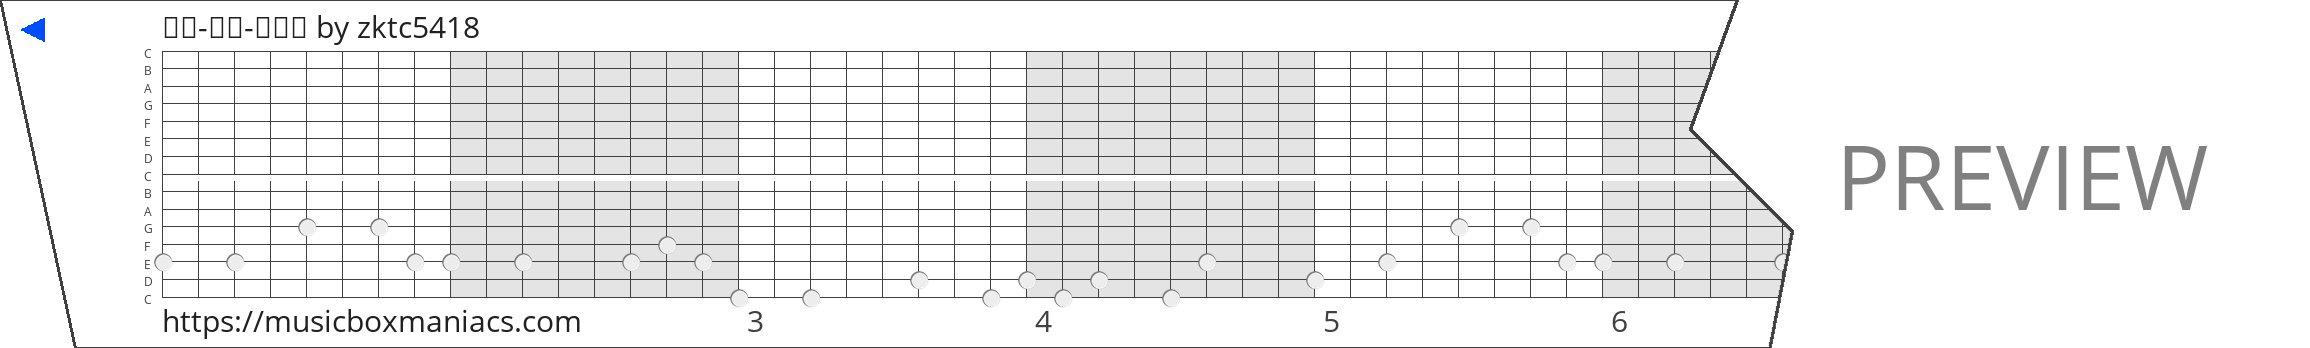 绿光-流行-孙燕姿 15 note music box paper strip